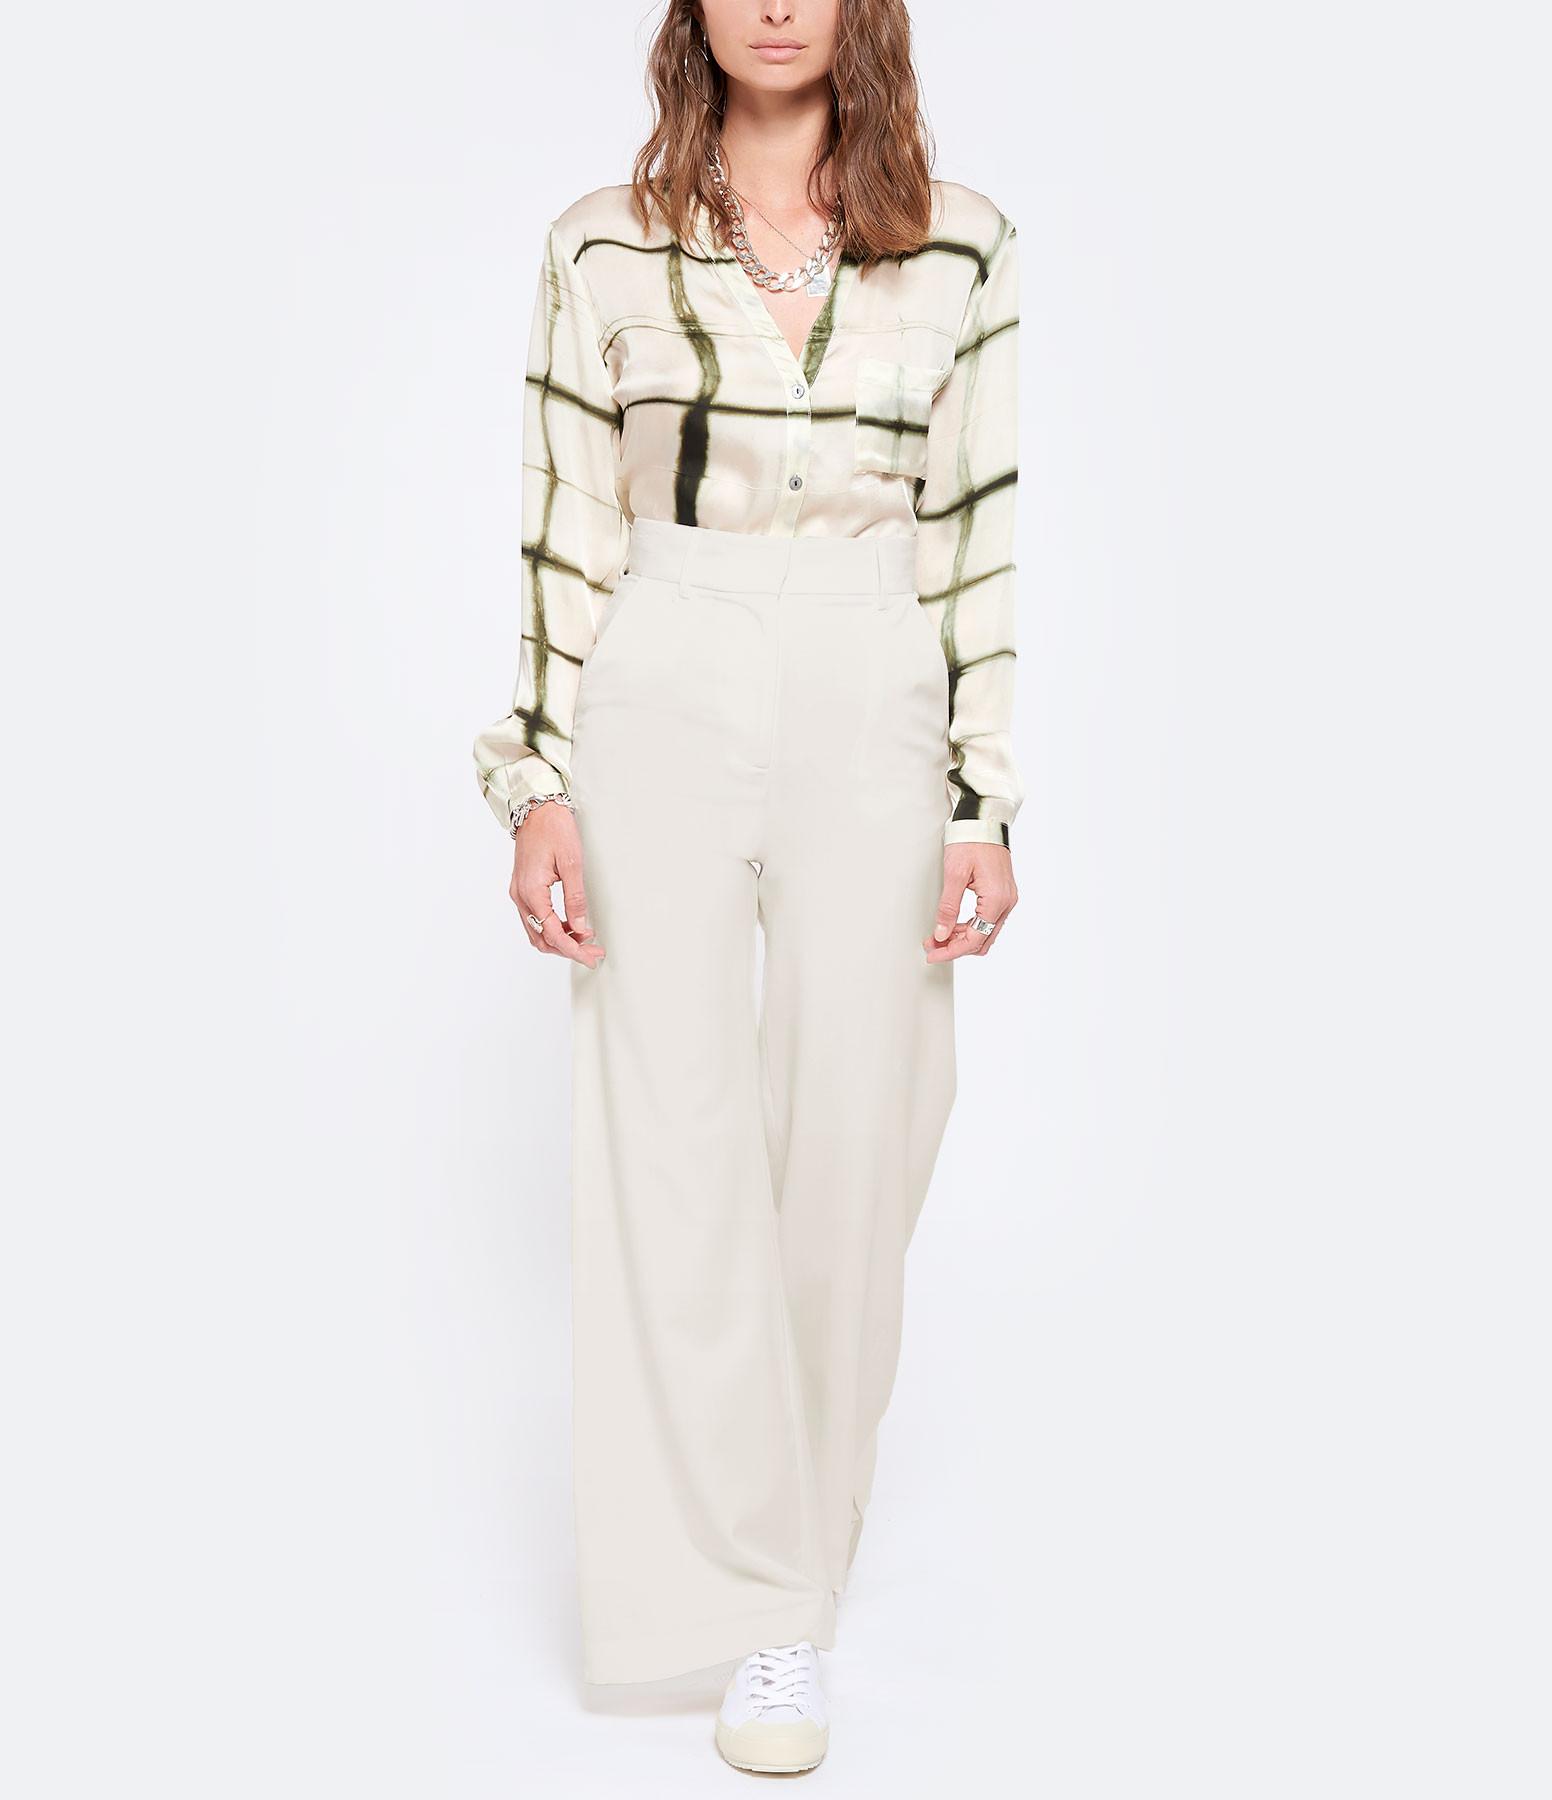 MARGAUX LONNBERG - Pantalon Ava Blanc